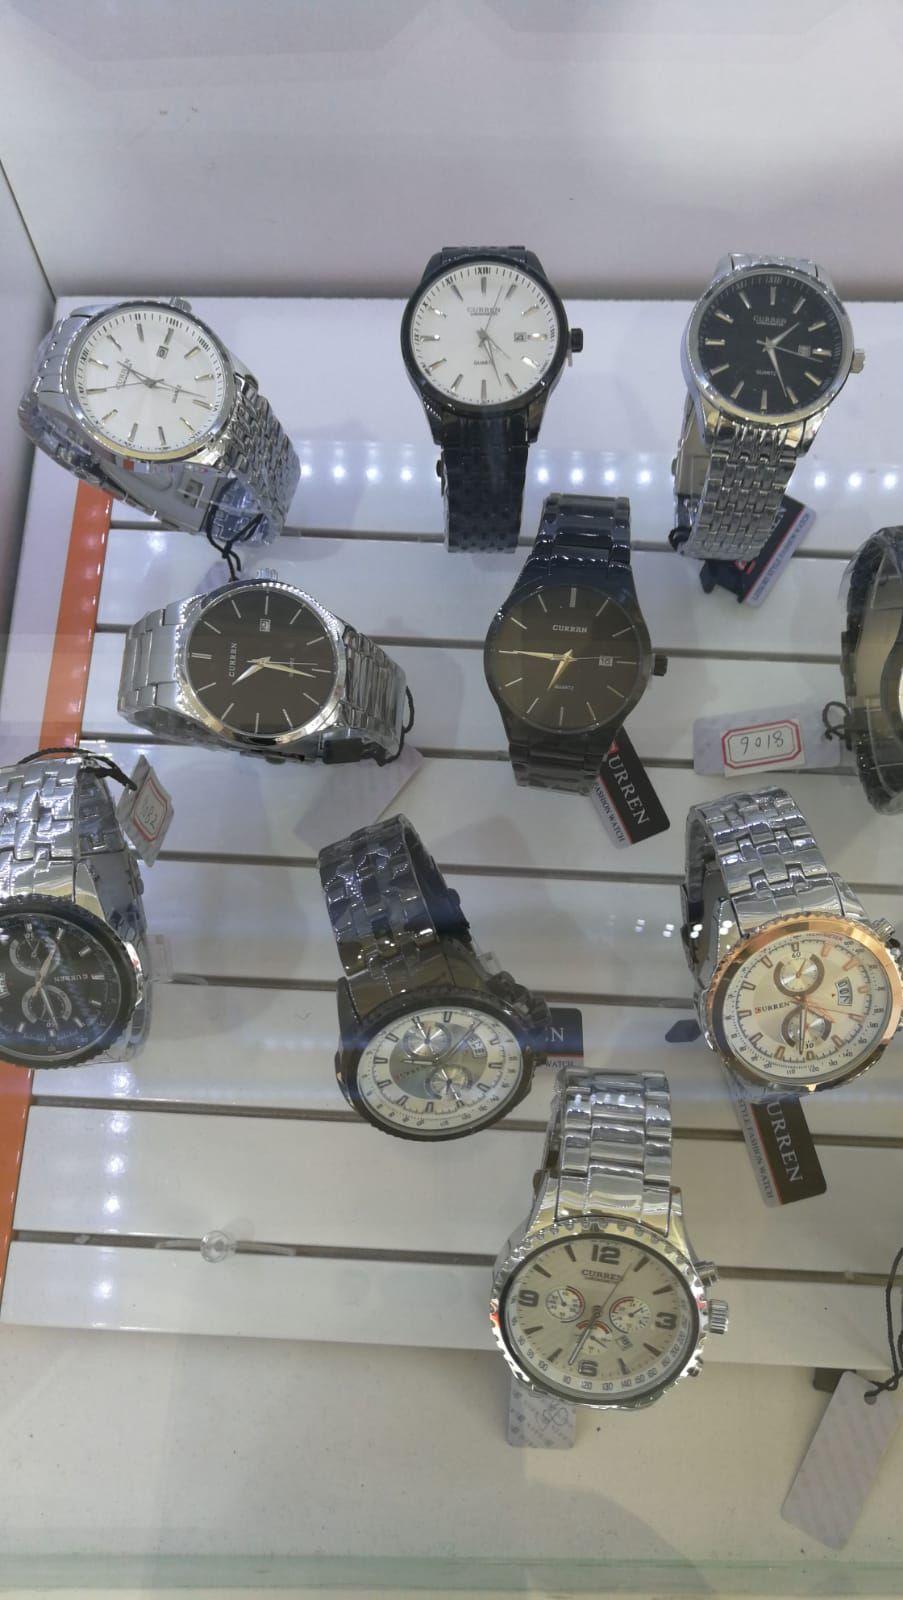 Relojes de señora y caballero